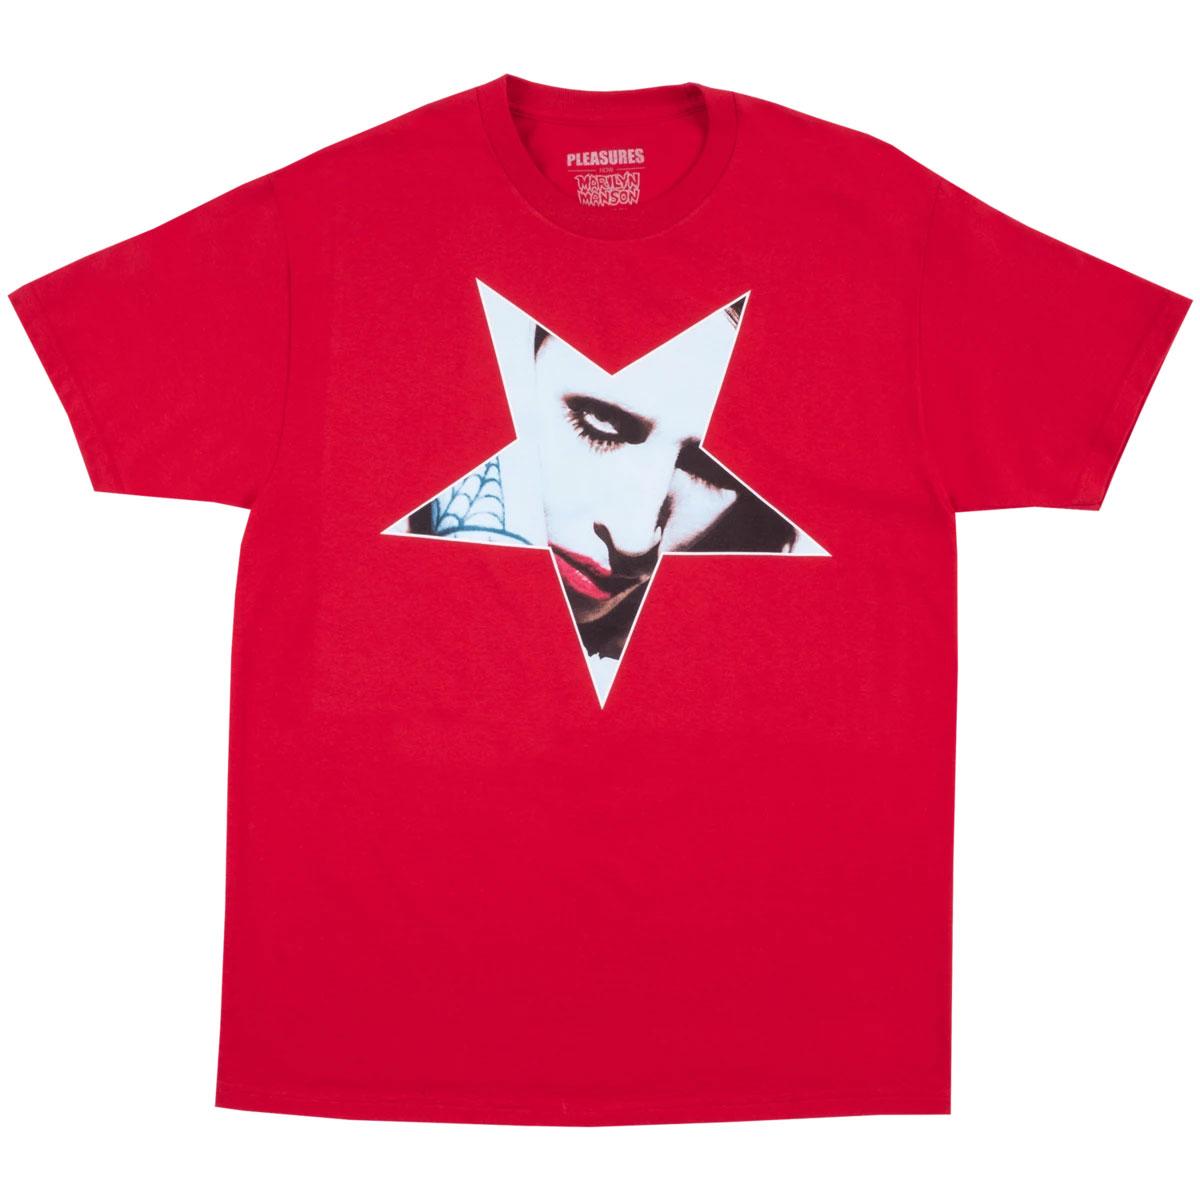 【PLEASURES/プレジャーズ×MARILYN MANSON/マリリン・マンソン】FINGERS T-SHIRT Tシャツ / RED